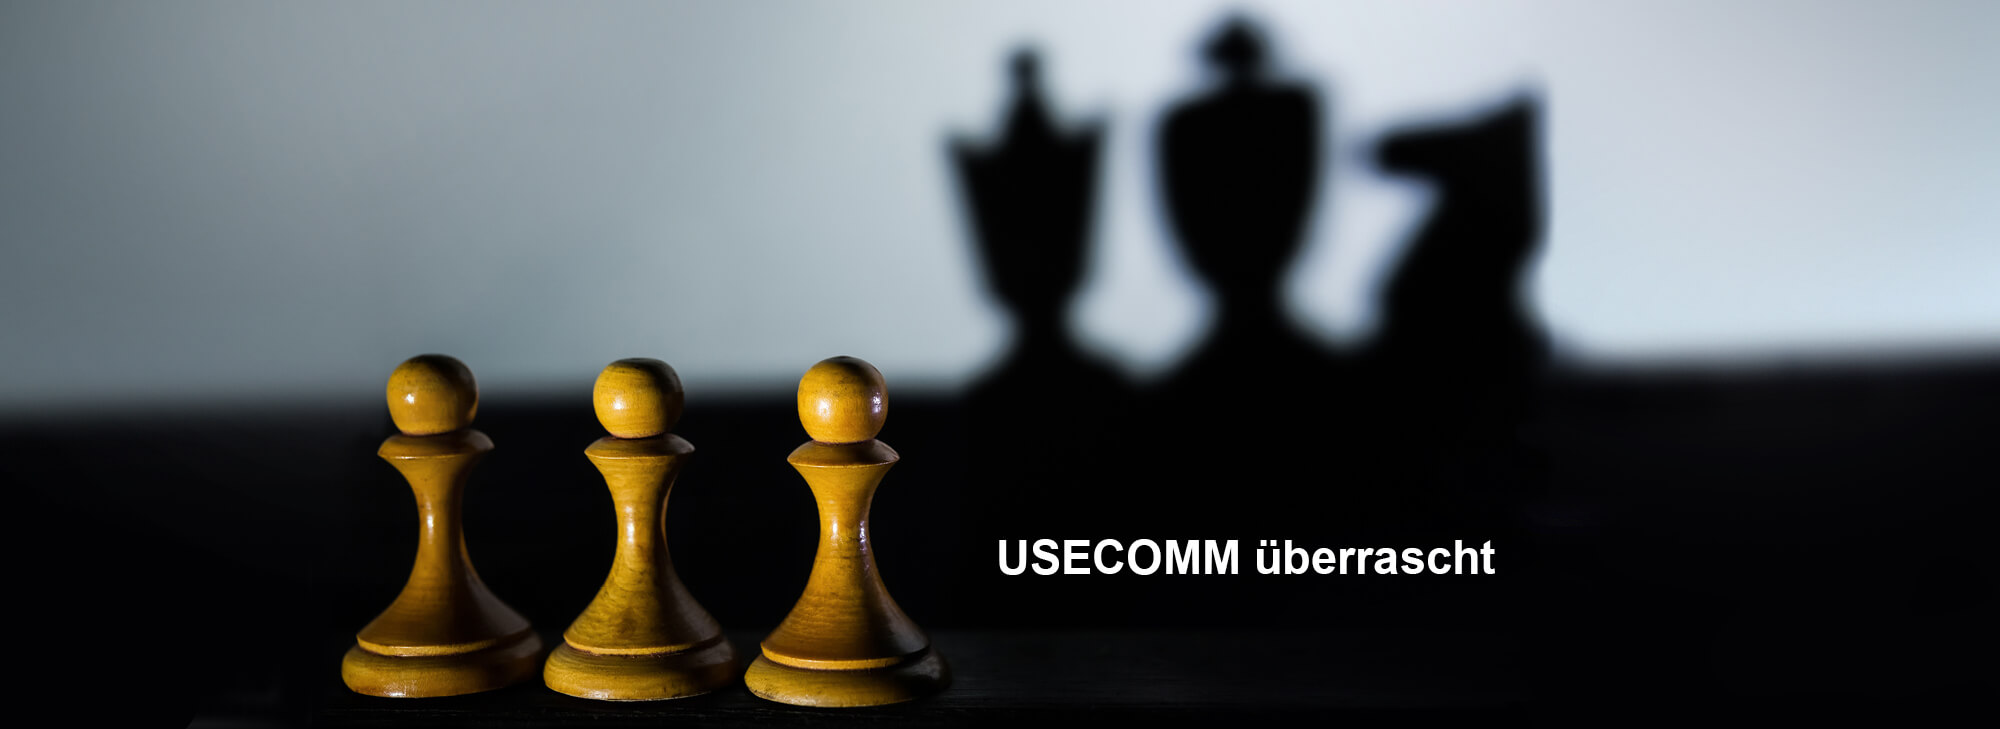 usecomm-schach-ueberrascht